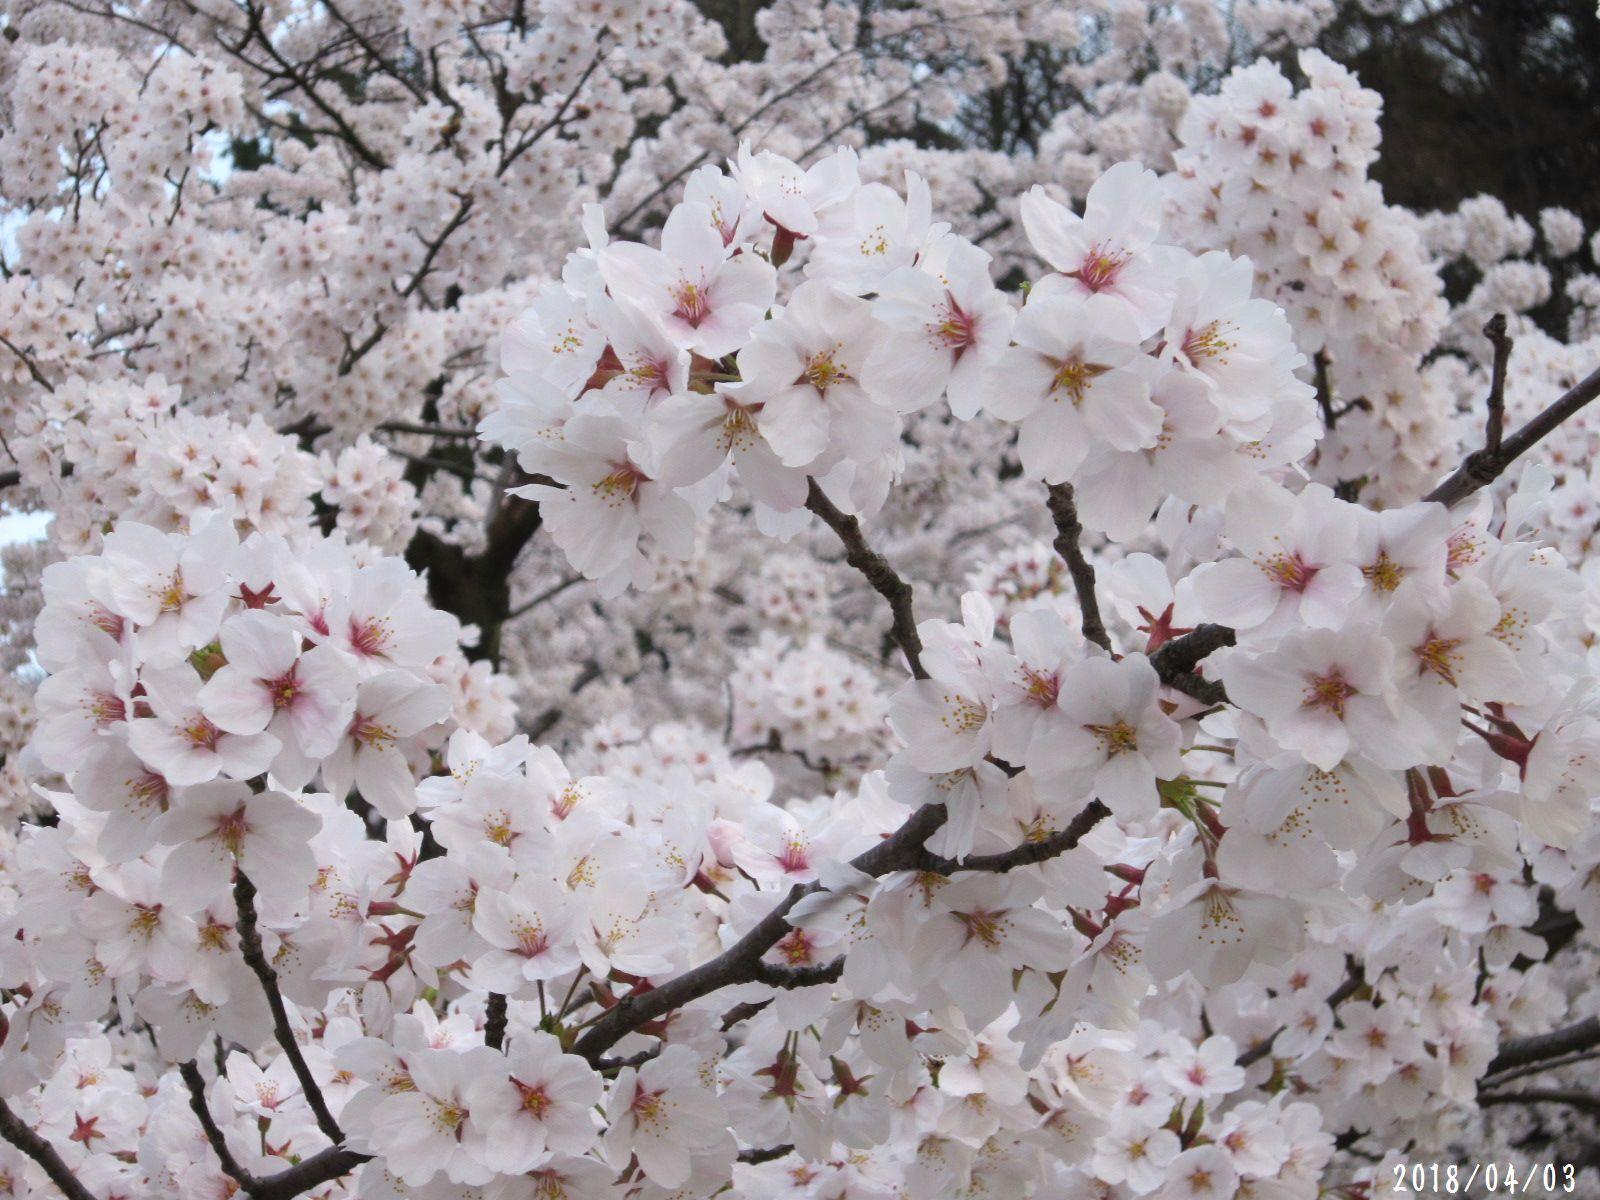 桜だより❀ 満開です❀ (4月7日 追記あり)  _a0207574_16593434.jpg